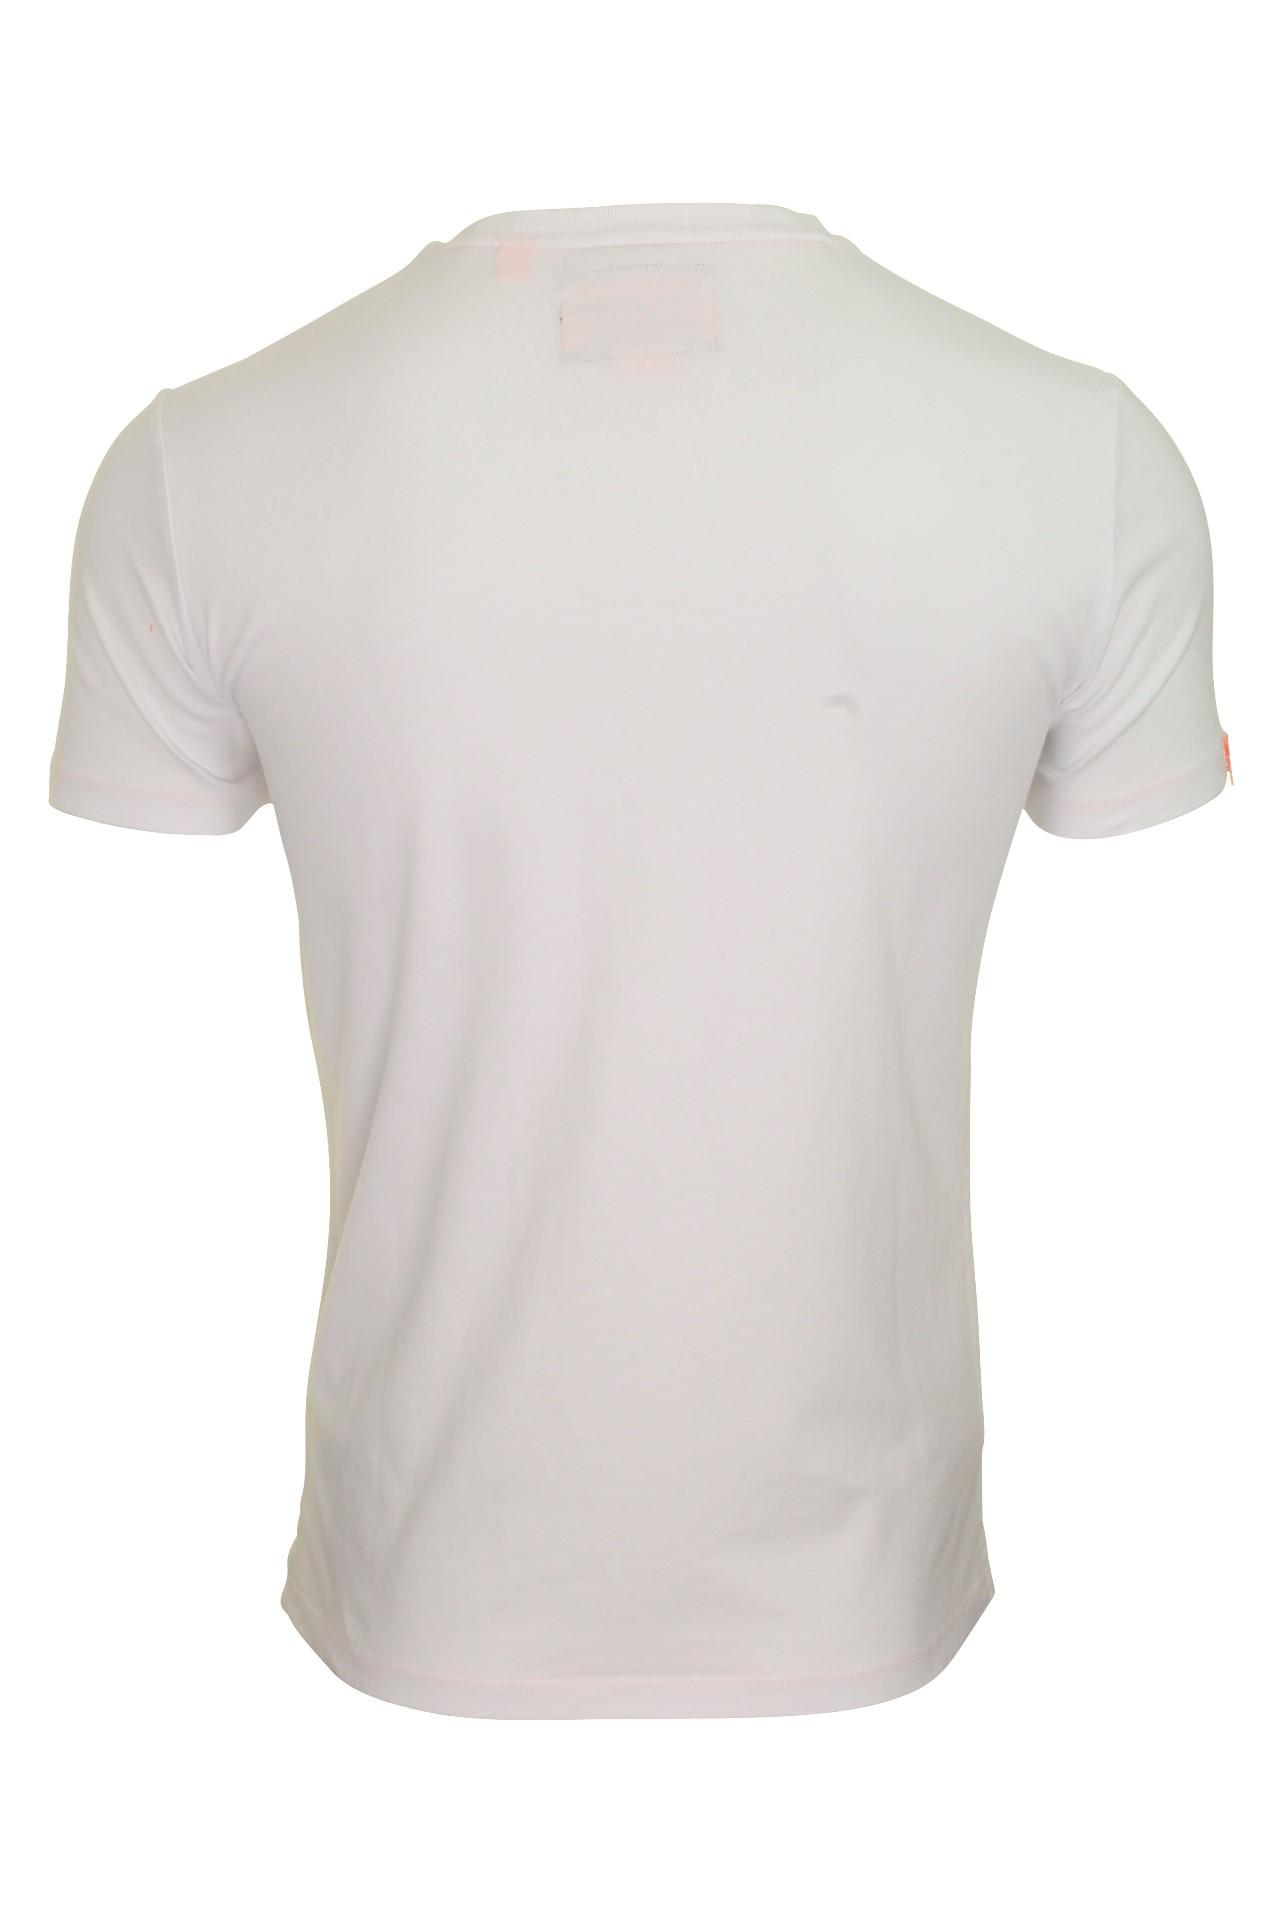 Camisa-Para-Hombres-039-Orange-Label-Vintage-de-039-Cuello-Redondo-Camiseta miniatura 14